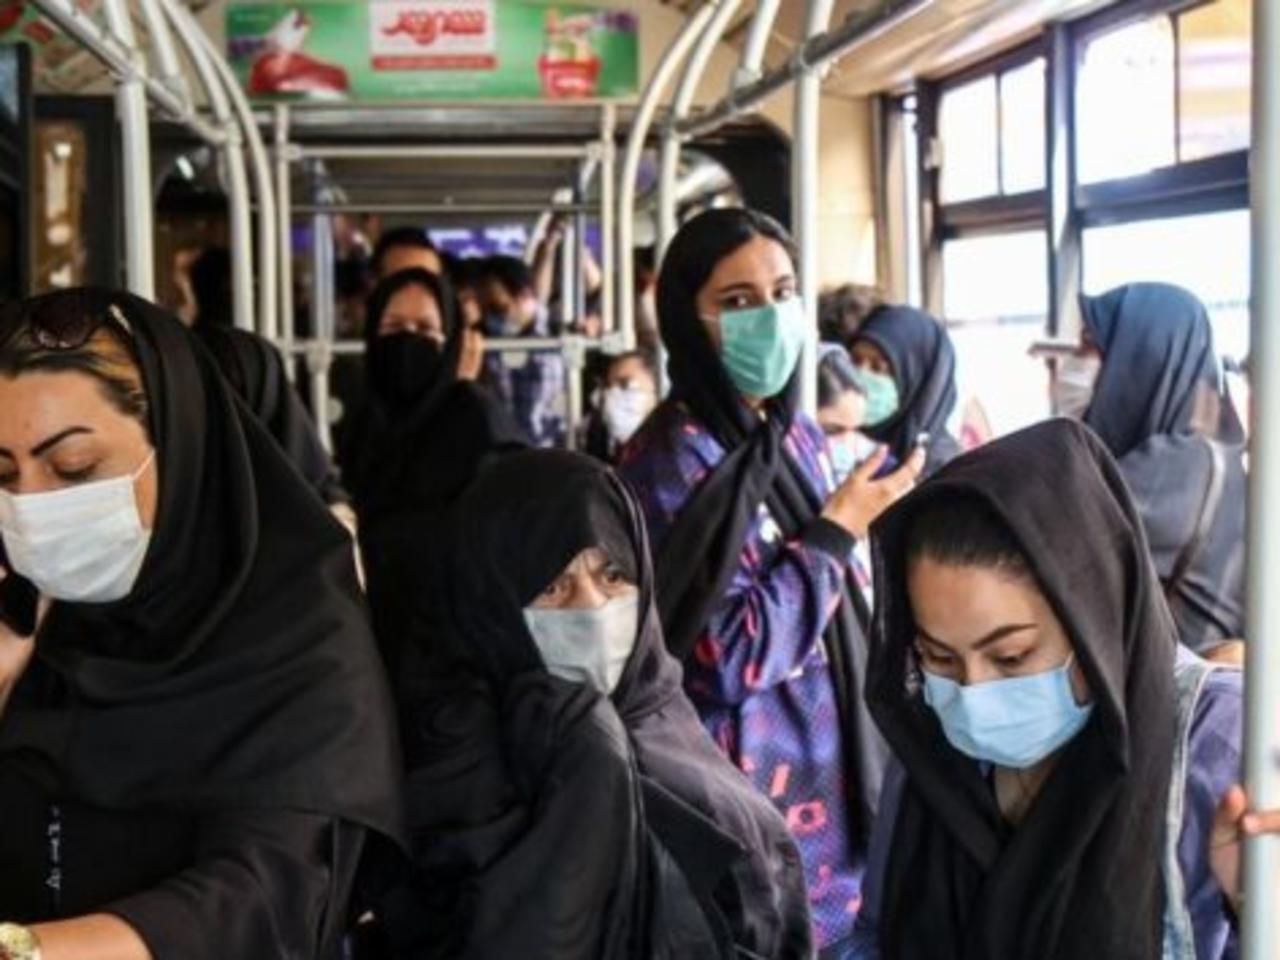 قیچیِ دولبه «آلودگی هوا» و «کرونا»/ فرار بی سر و صدای نیروگاهها و کارخانه ها از پرداخت عوارض آلودگی هوا